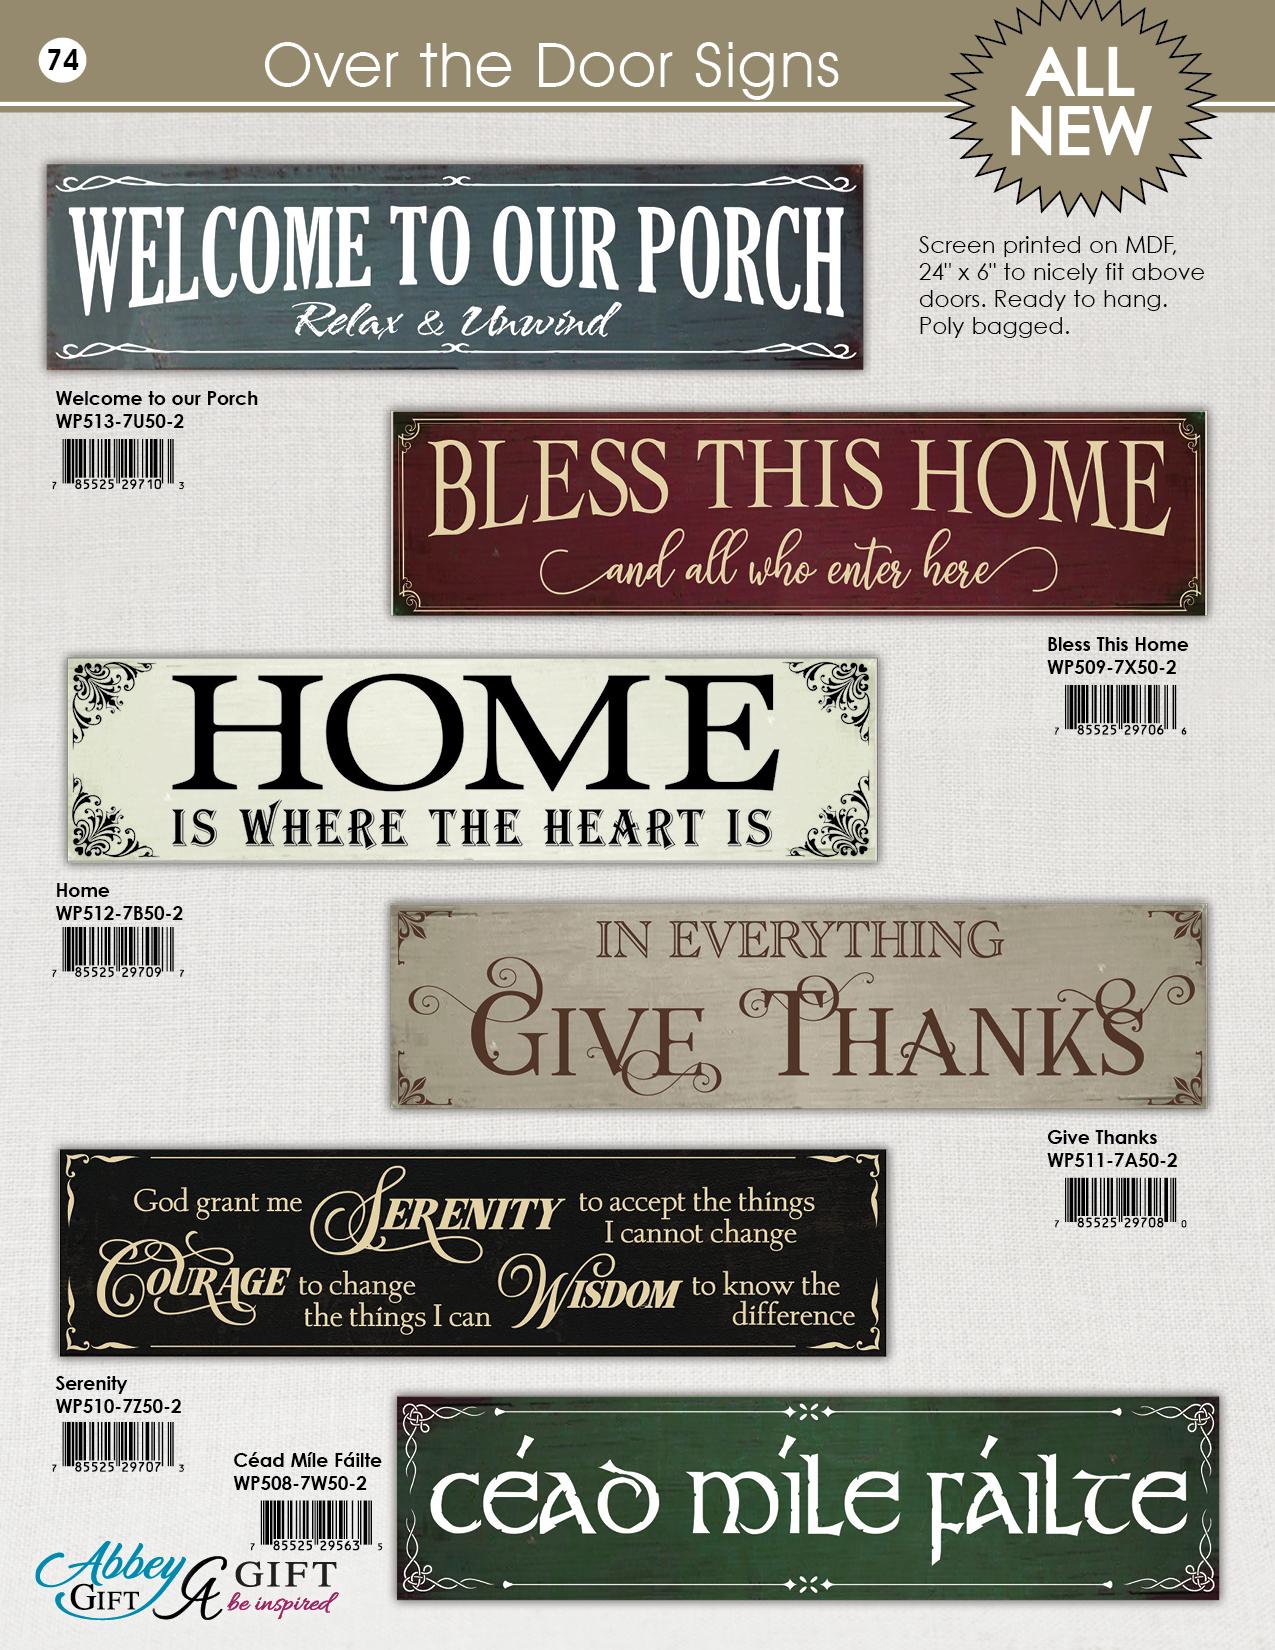 2019 Abbey CA Gift Catalog 74